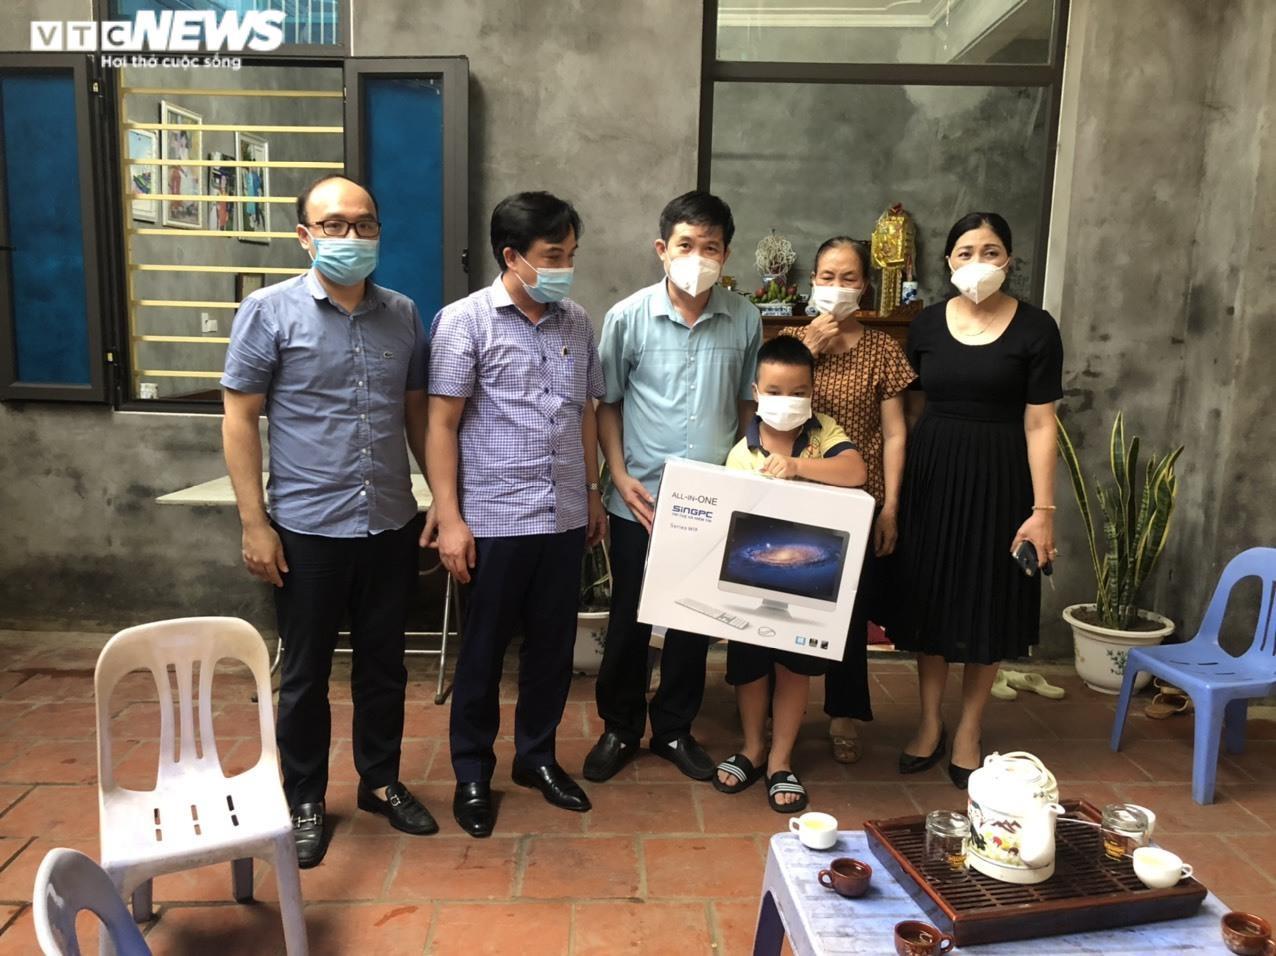 UBND tỉnh Bắc Ninh tặng máy tính cho học sinh khó khăn  - 2